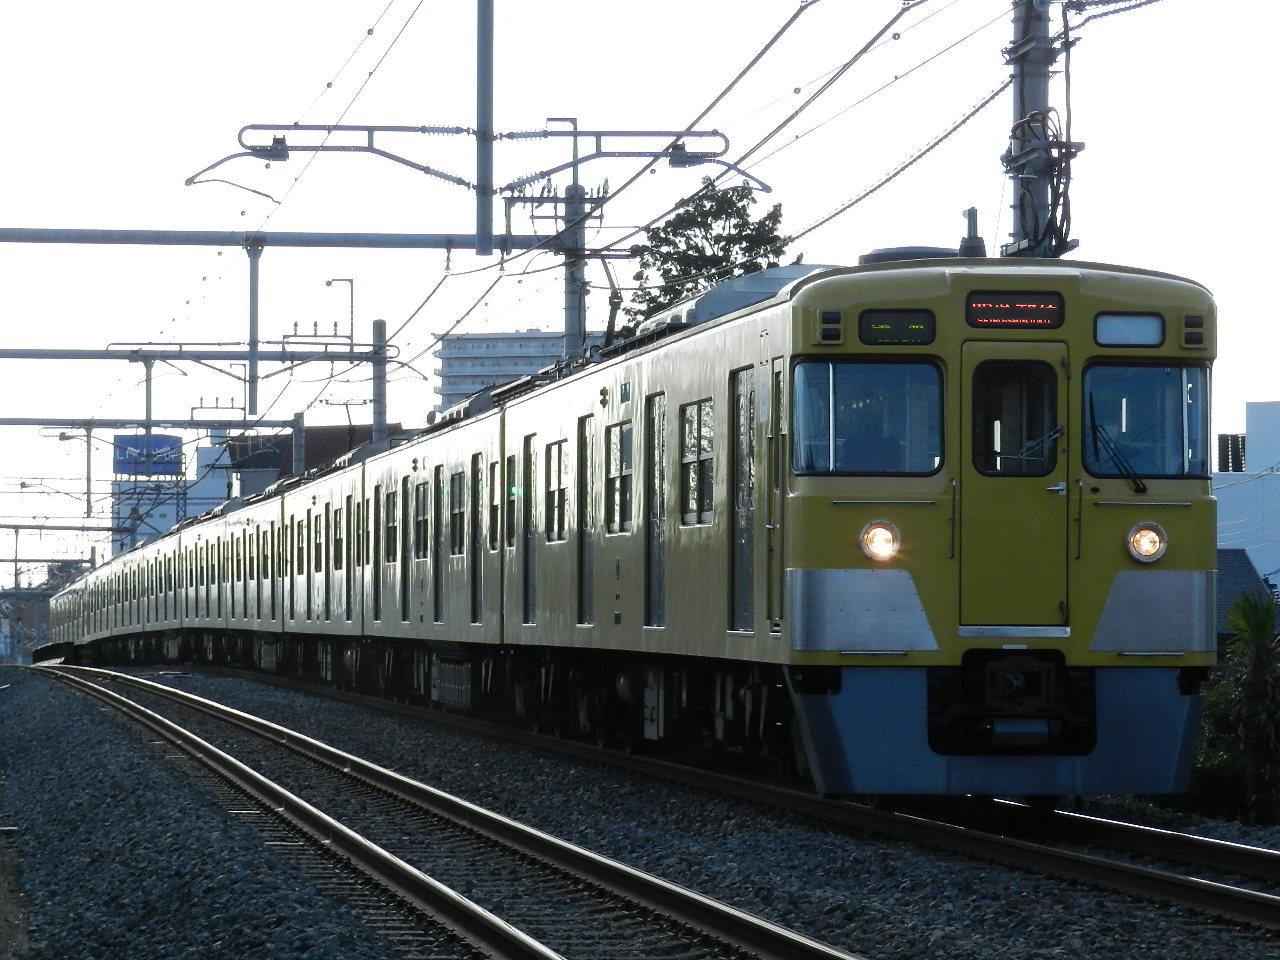 DSCN3029.jpg